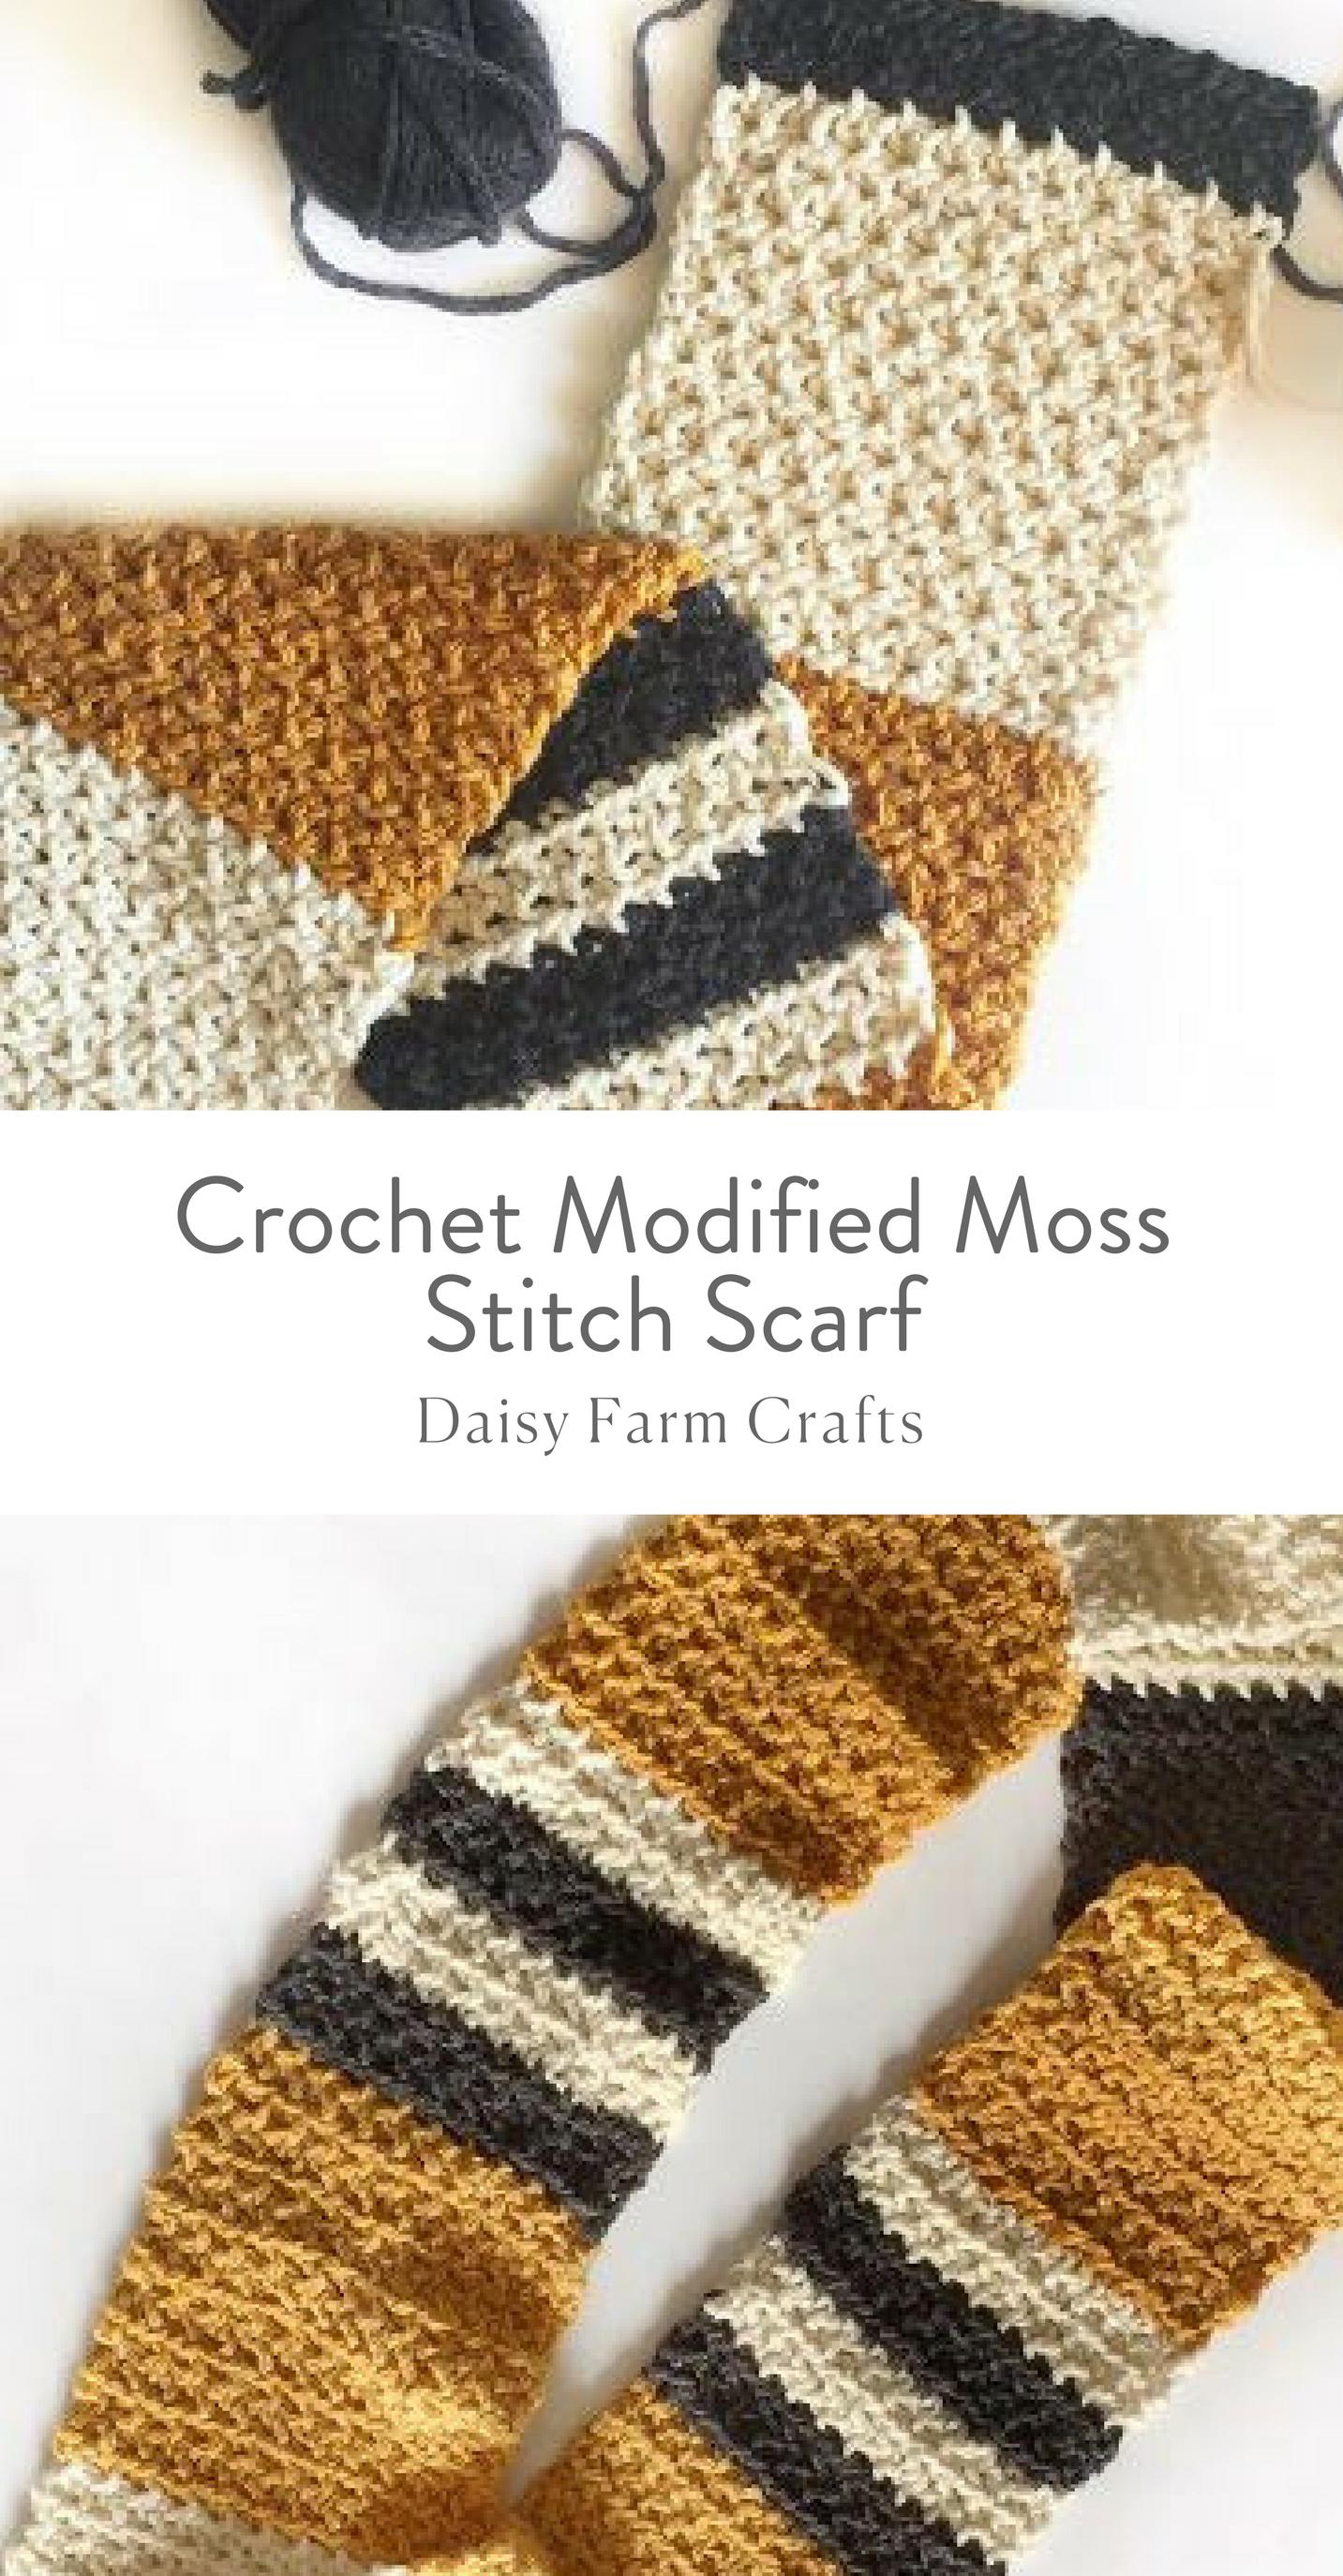 Free Pattern - Crochet Modified Moss Stitch Scarf | Knitting ...